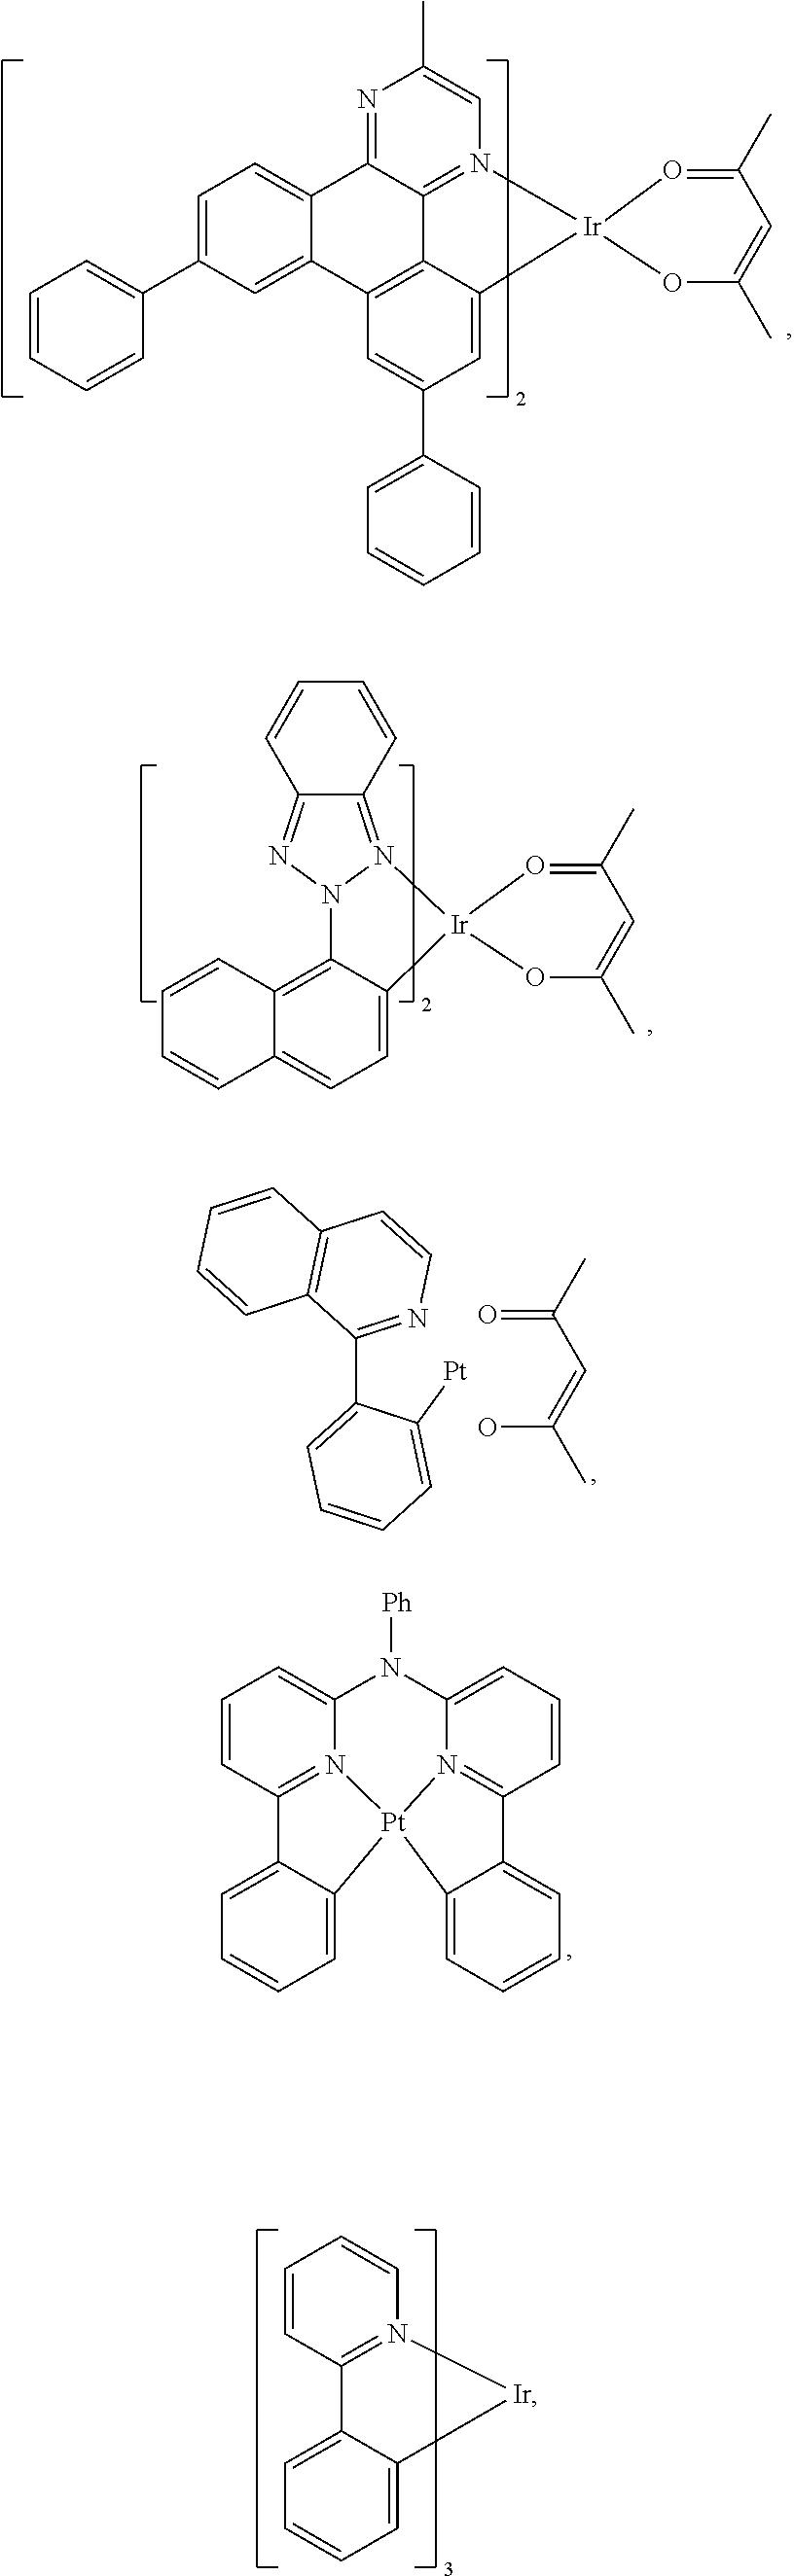 Figure US20190161504A1-20190530-C00062